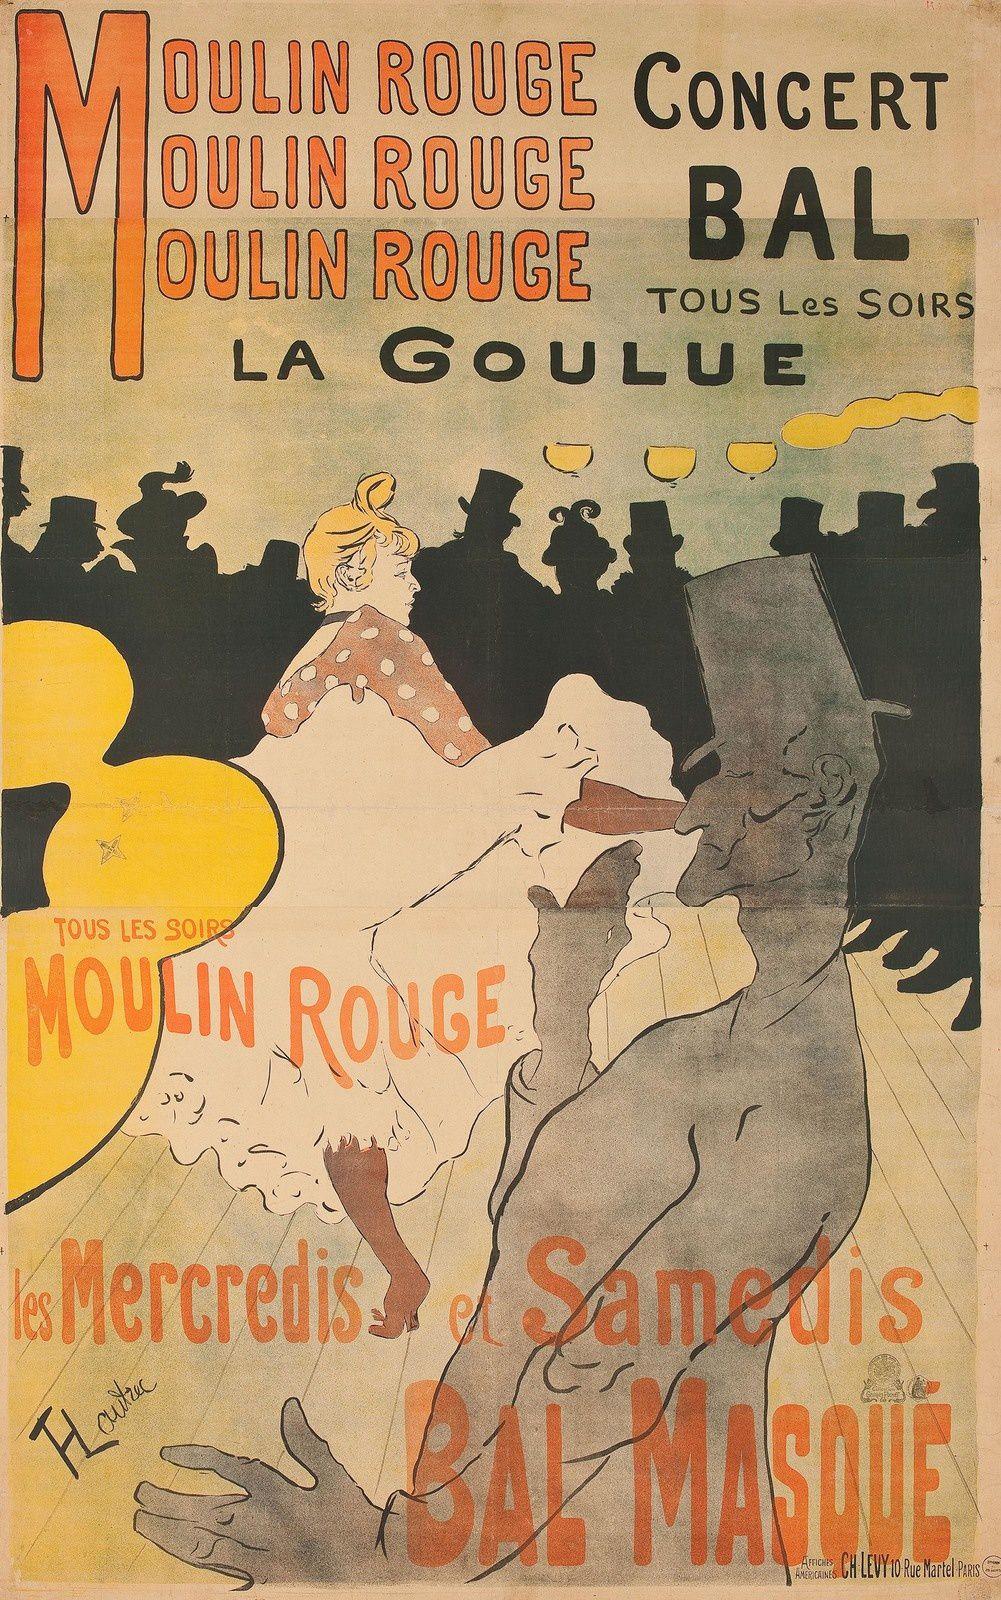 """Affiche """"Concert Bal tous les soir - La Goulue"""", 1891 de Henri de TOULOUSE-LAUTREC"""